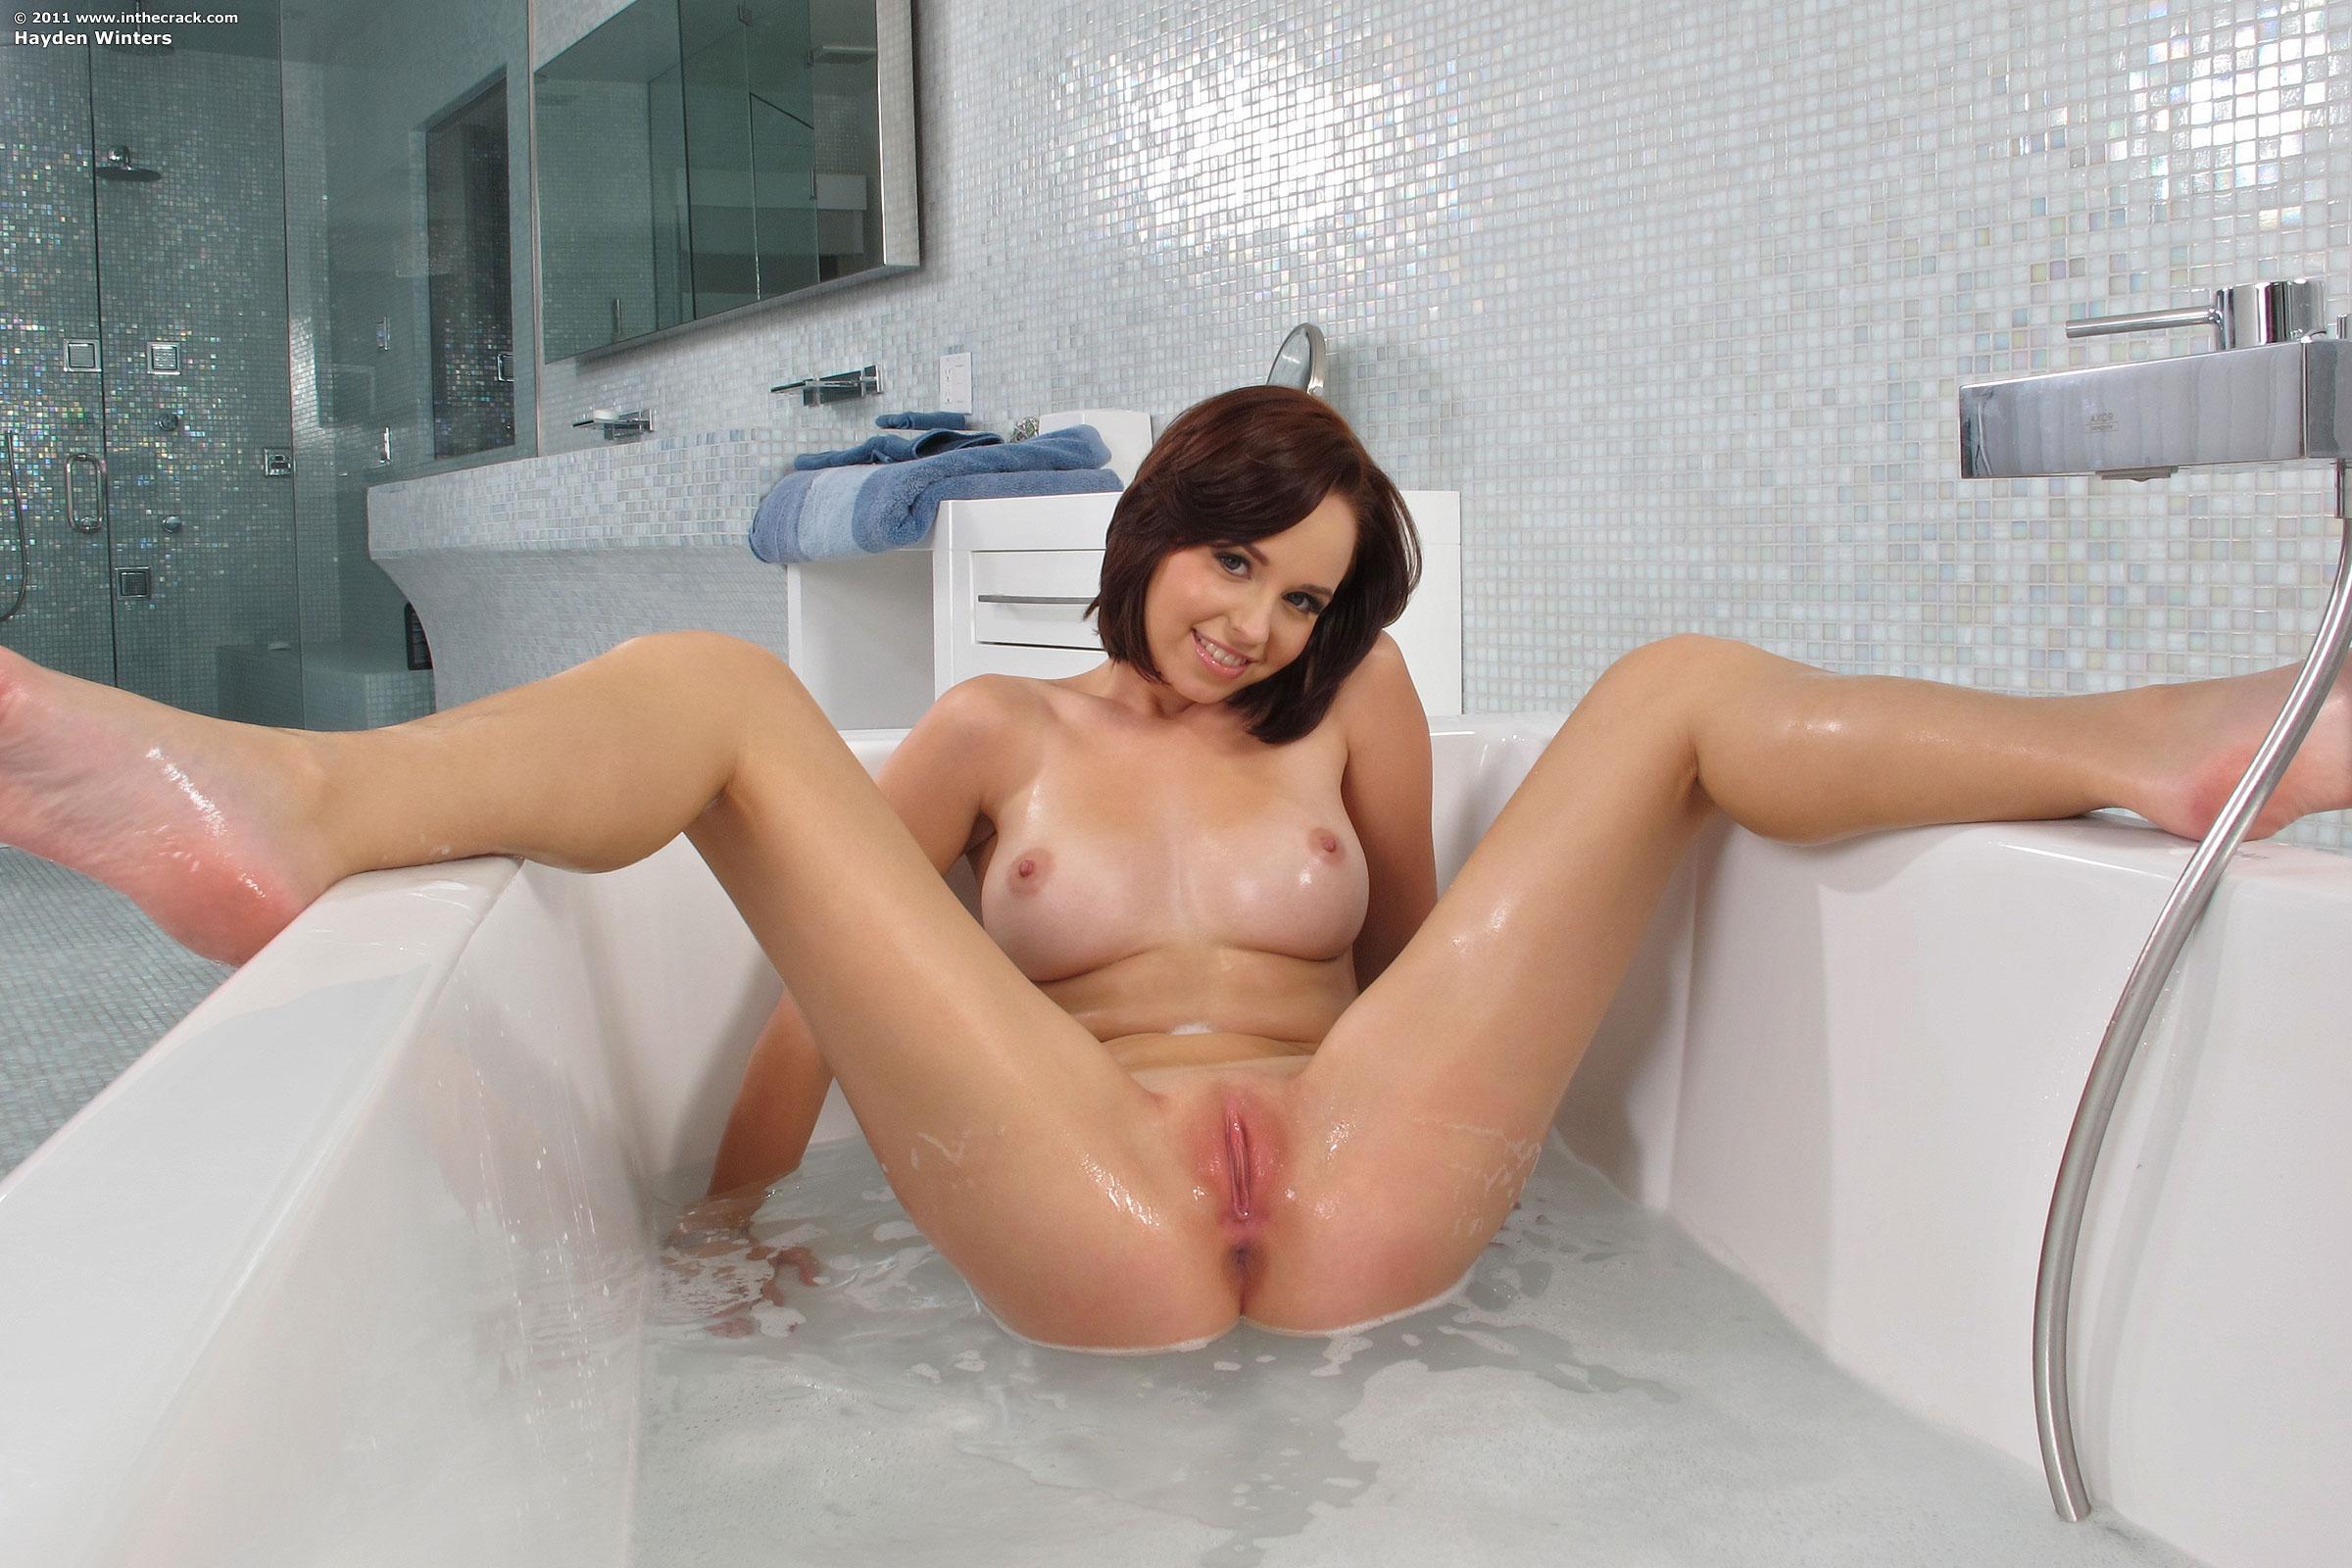 Принимает душ hayden winters порно